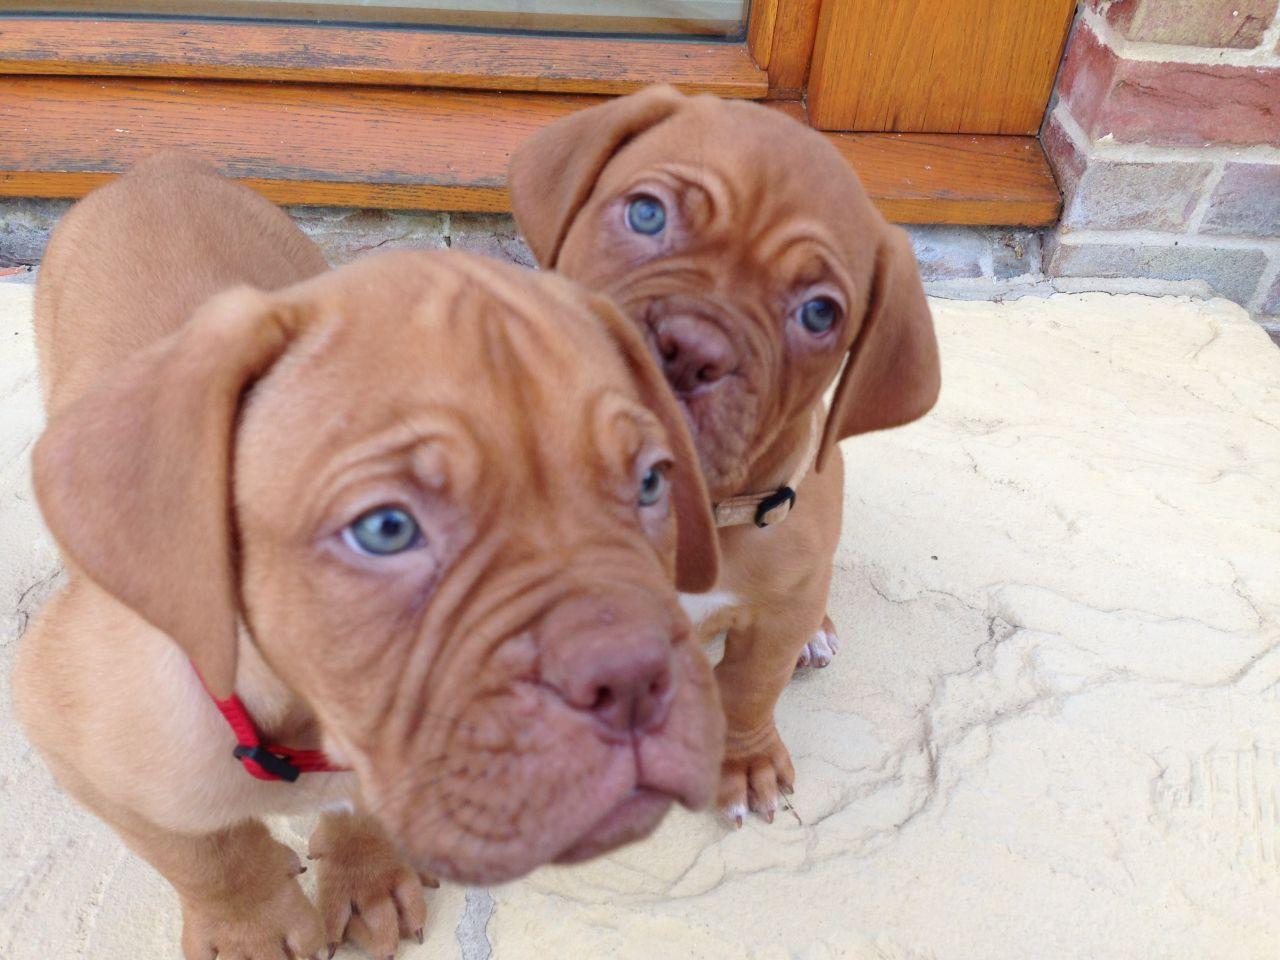 Dogue de Bordeaux Puppies: Dogue Lovely Dogue De Bordeaux Puppies Bury St Edmunds Breed